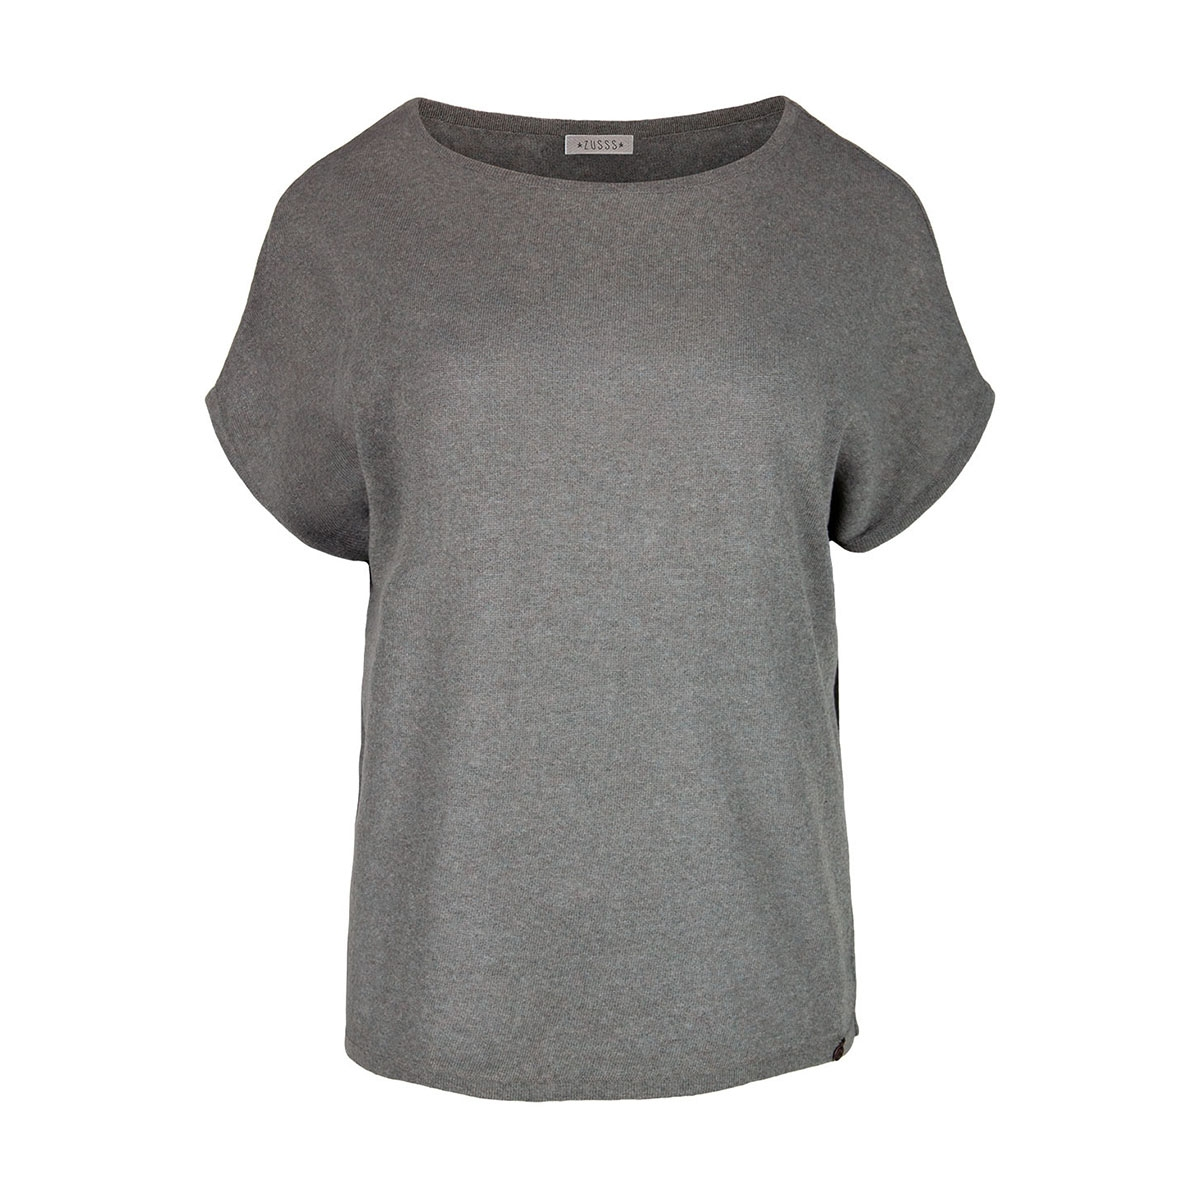 03ft19vagg zusss t-shirt grijs-groen